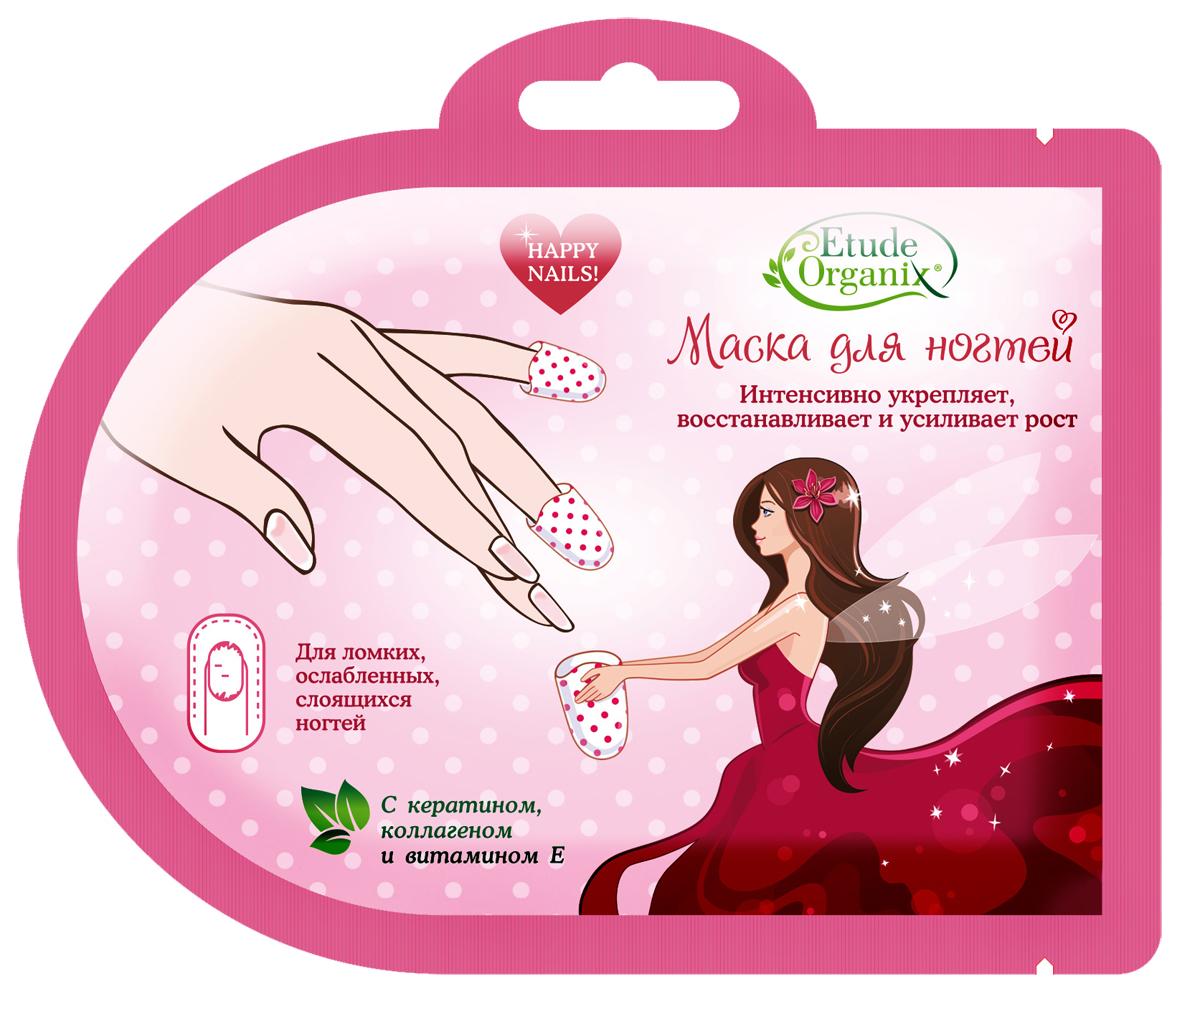 Маска для ногтей, 5 сашеFS-00897Набор масок для ногтей. Комбинация коллагена и протеина сои (растительного кератина) восстанавливает структуру и защитные свойства ногтя, стимулирует деление клеток, способствует усиленному росту ногтевой пластины. Сочетание витамина Е с ценными маслами макадамии и манго препятствует расслоению, превосходно питает ногти и смягчает кутикулу, защищая ее от растрескивания и заусенцев. Инновационная маска Etude Organix плотно обволакивает каждый ноготок, обеспечивая максимально глубокое проникновение активных компонентов. Ногти становятся крепкими, гладкими и эластичными!Маска рекомендована для ухода за ломкими, слоящимися и медленно растущими ногтями, а также подходит для восстановления ногтей, ослабленных частым окрашиванием и наращиванием. Упаковка из 5 масок.